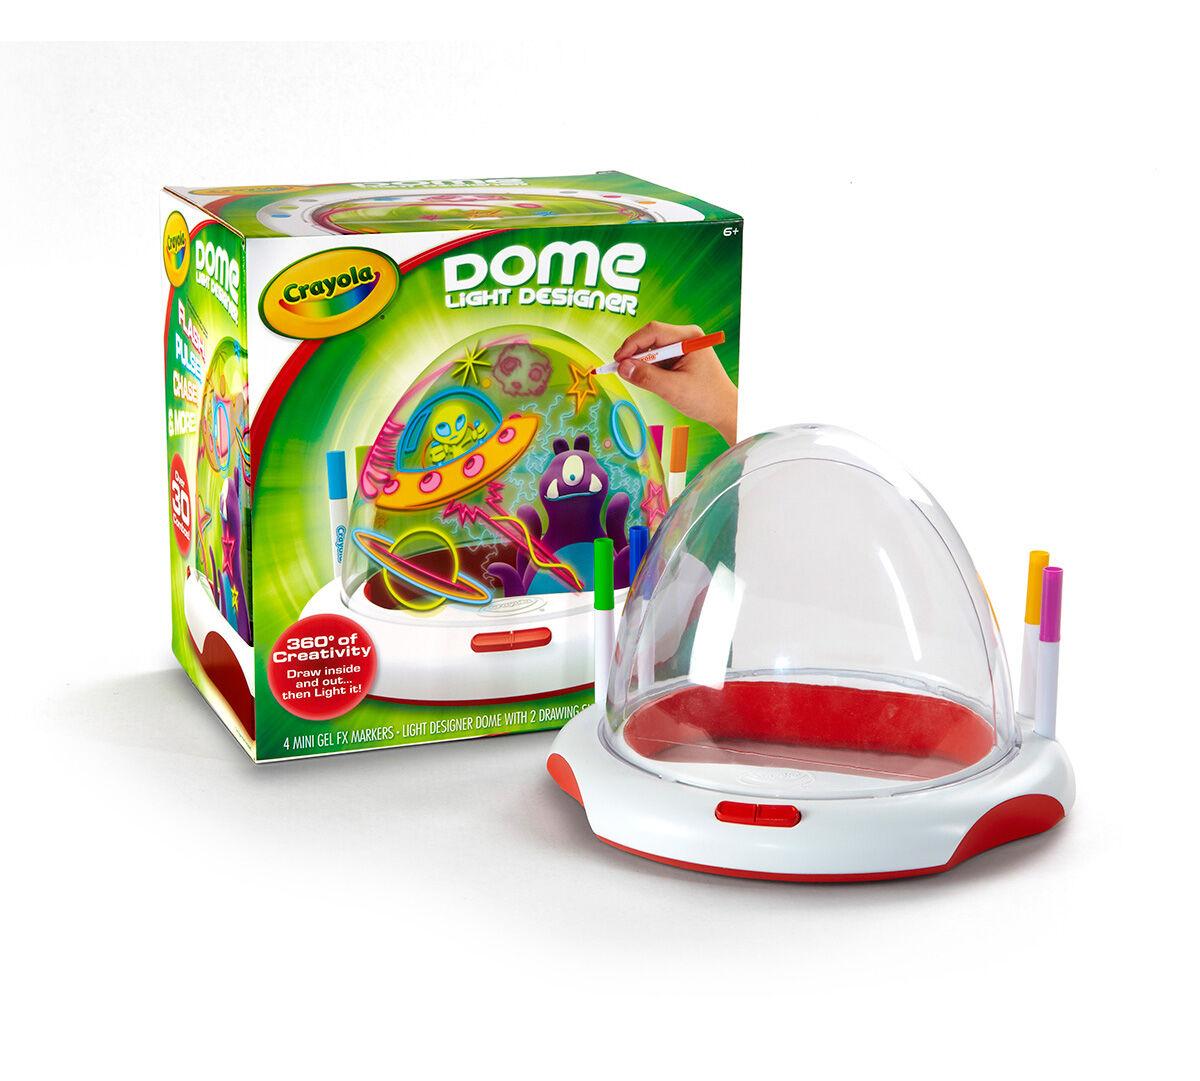 Crayola Color Dome Light Designer Crayola